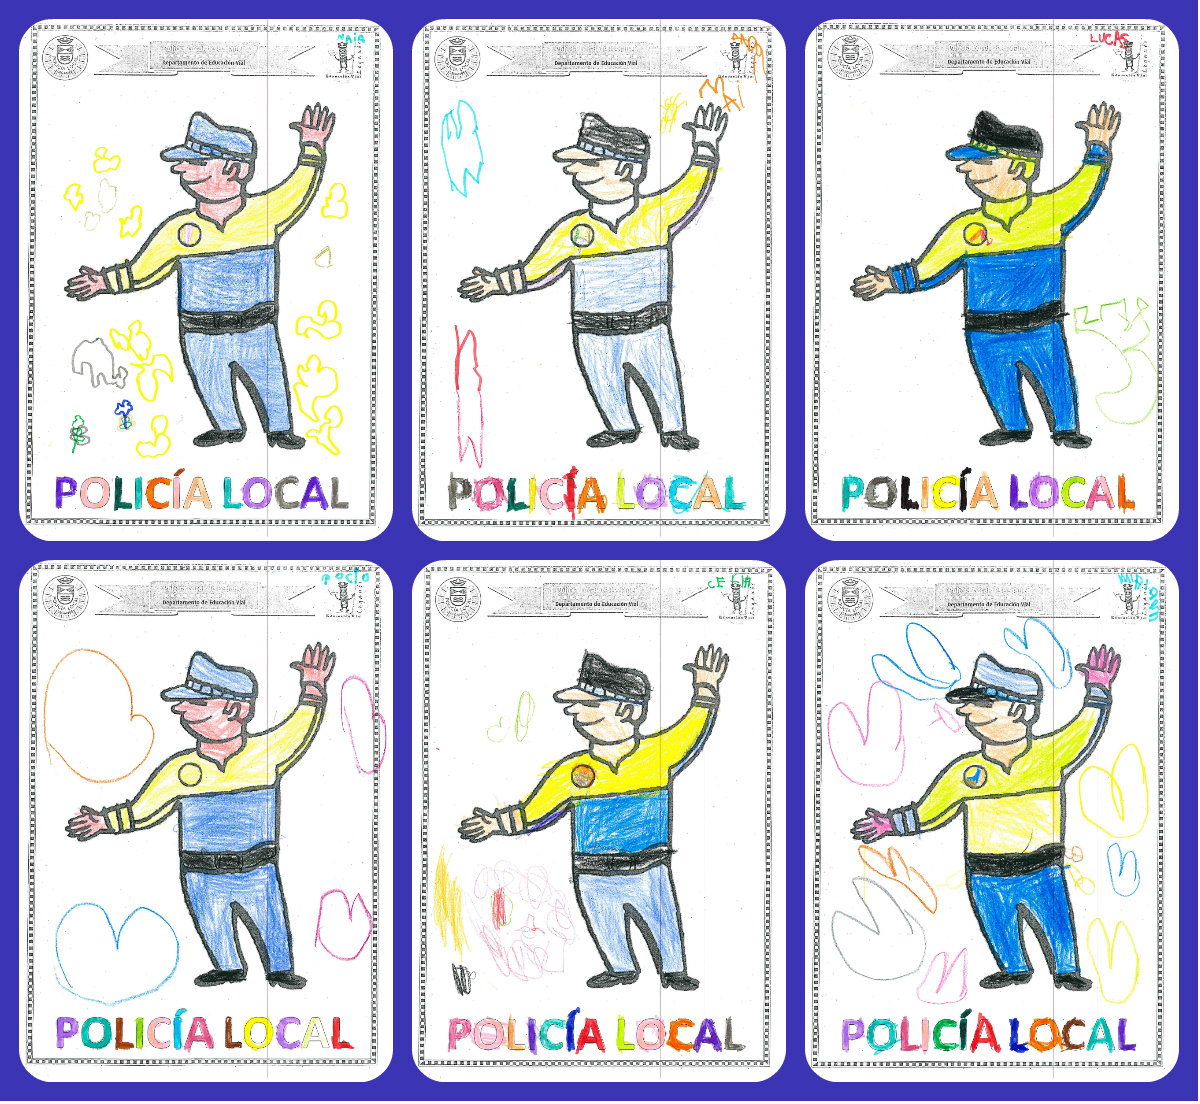 UN CIELO DE ILUSIONES: POLICIAS